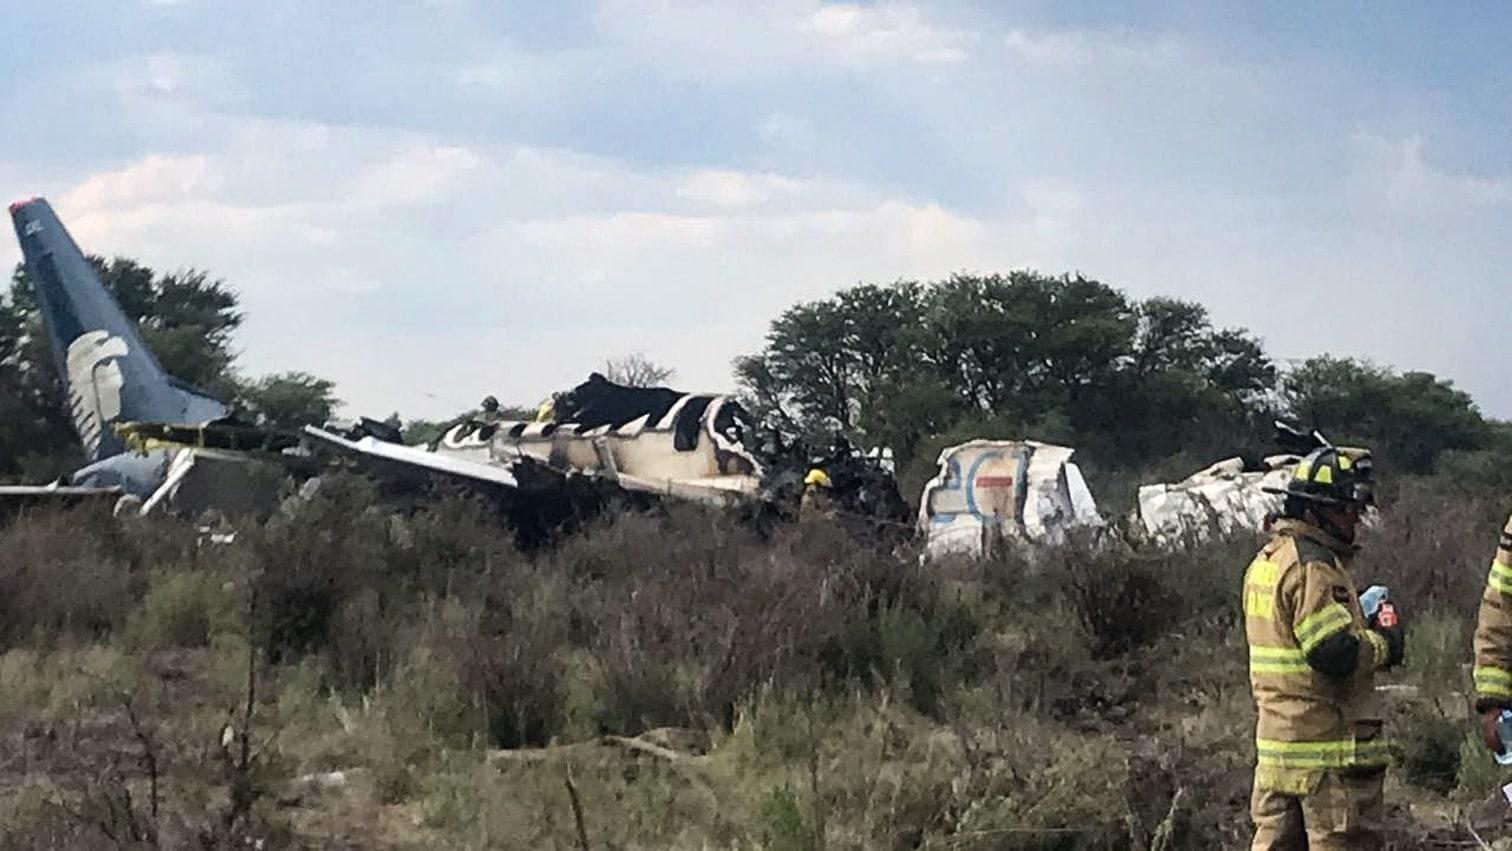 <p>Die Bruchlandung einer Passagiermaschine im Norden Mexikos hat für dutzende Menschen ein glimpfliches Ende genommen. Nach Behördenangaben gab es bei dem Zwischenfall am Dienstag im Bundesstaat Durango keine Toten